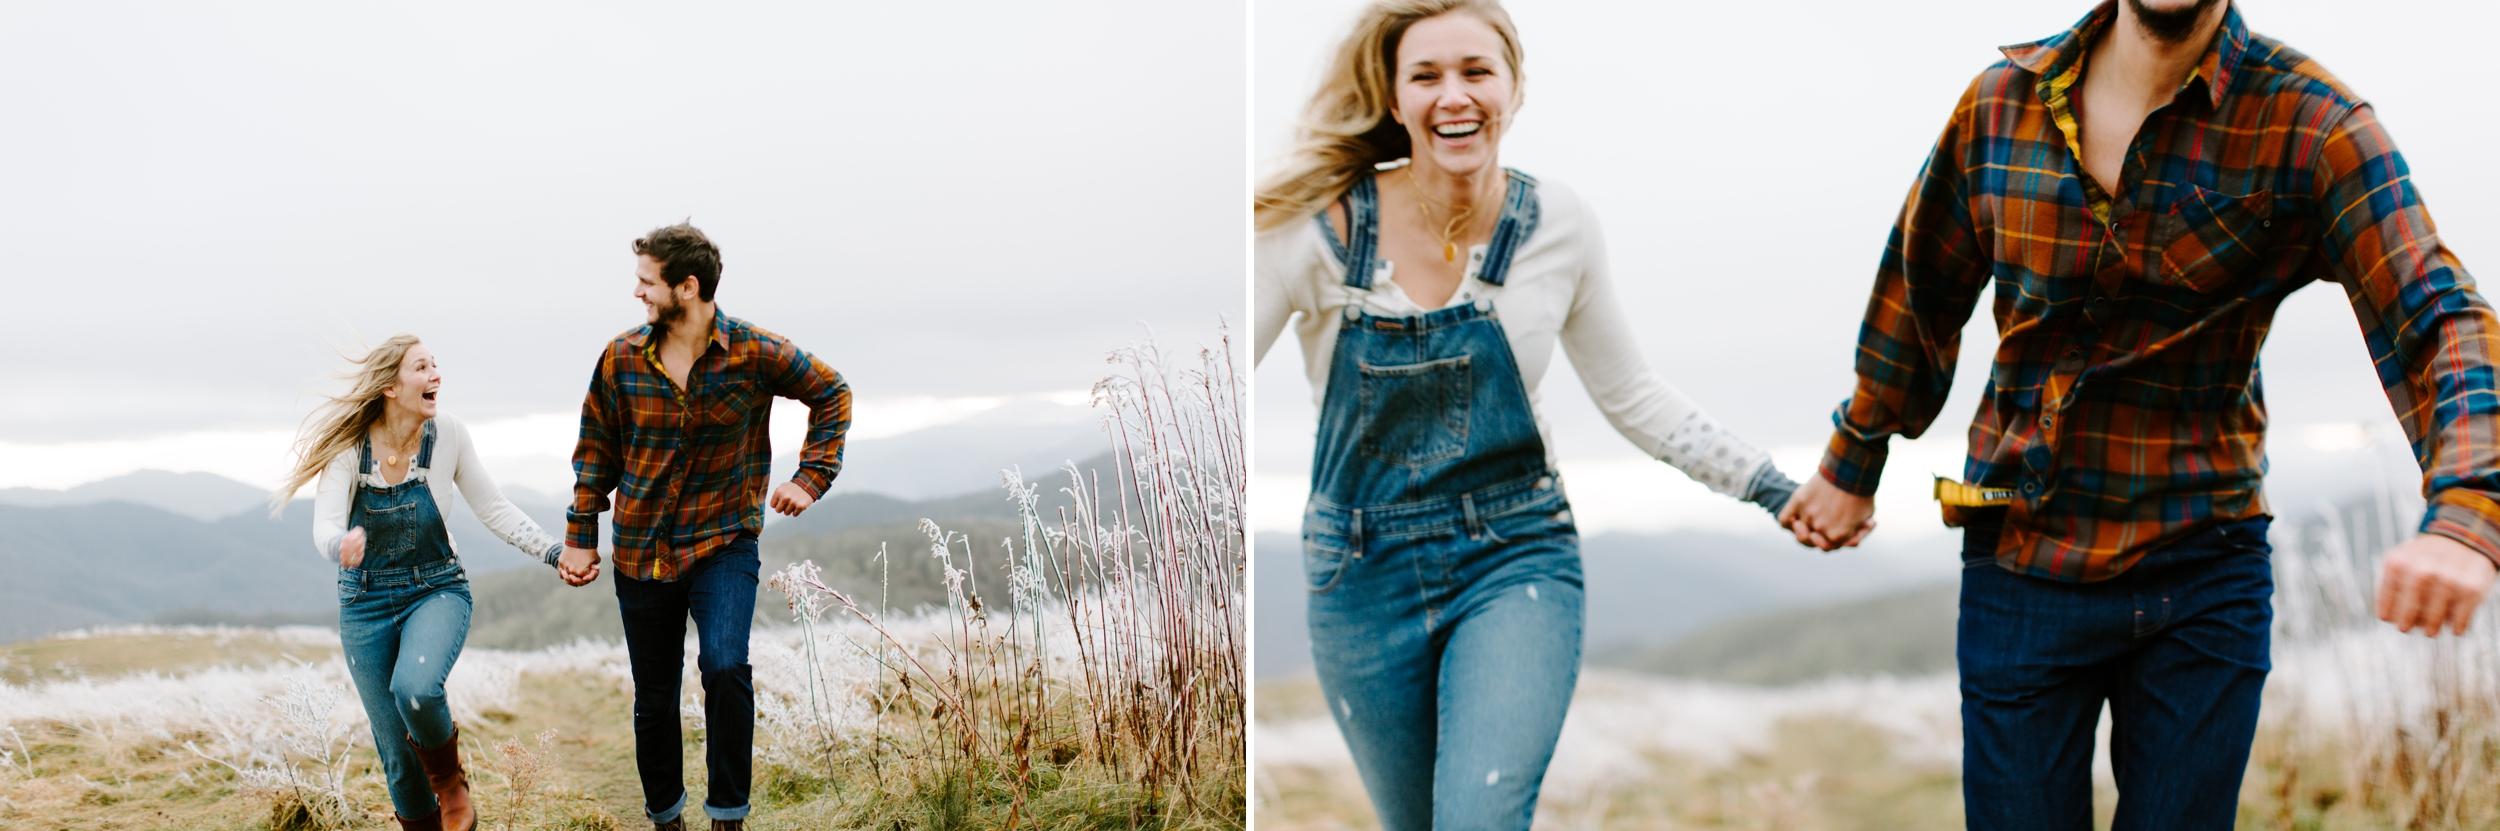 couple running on a mountain